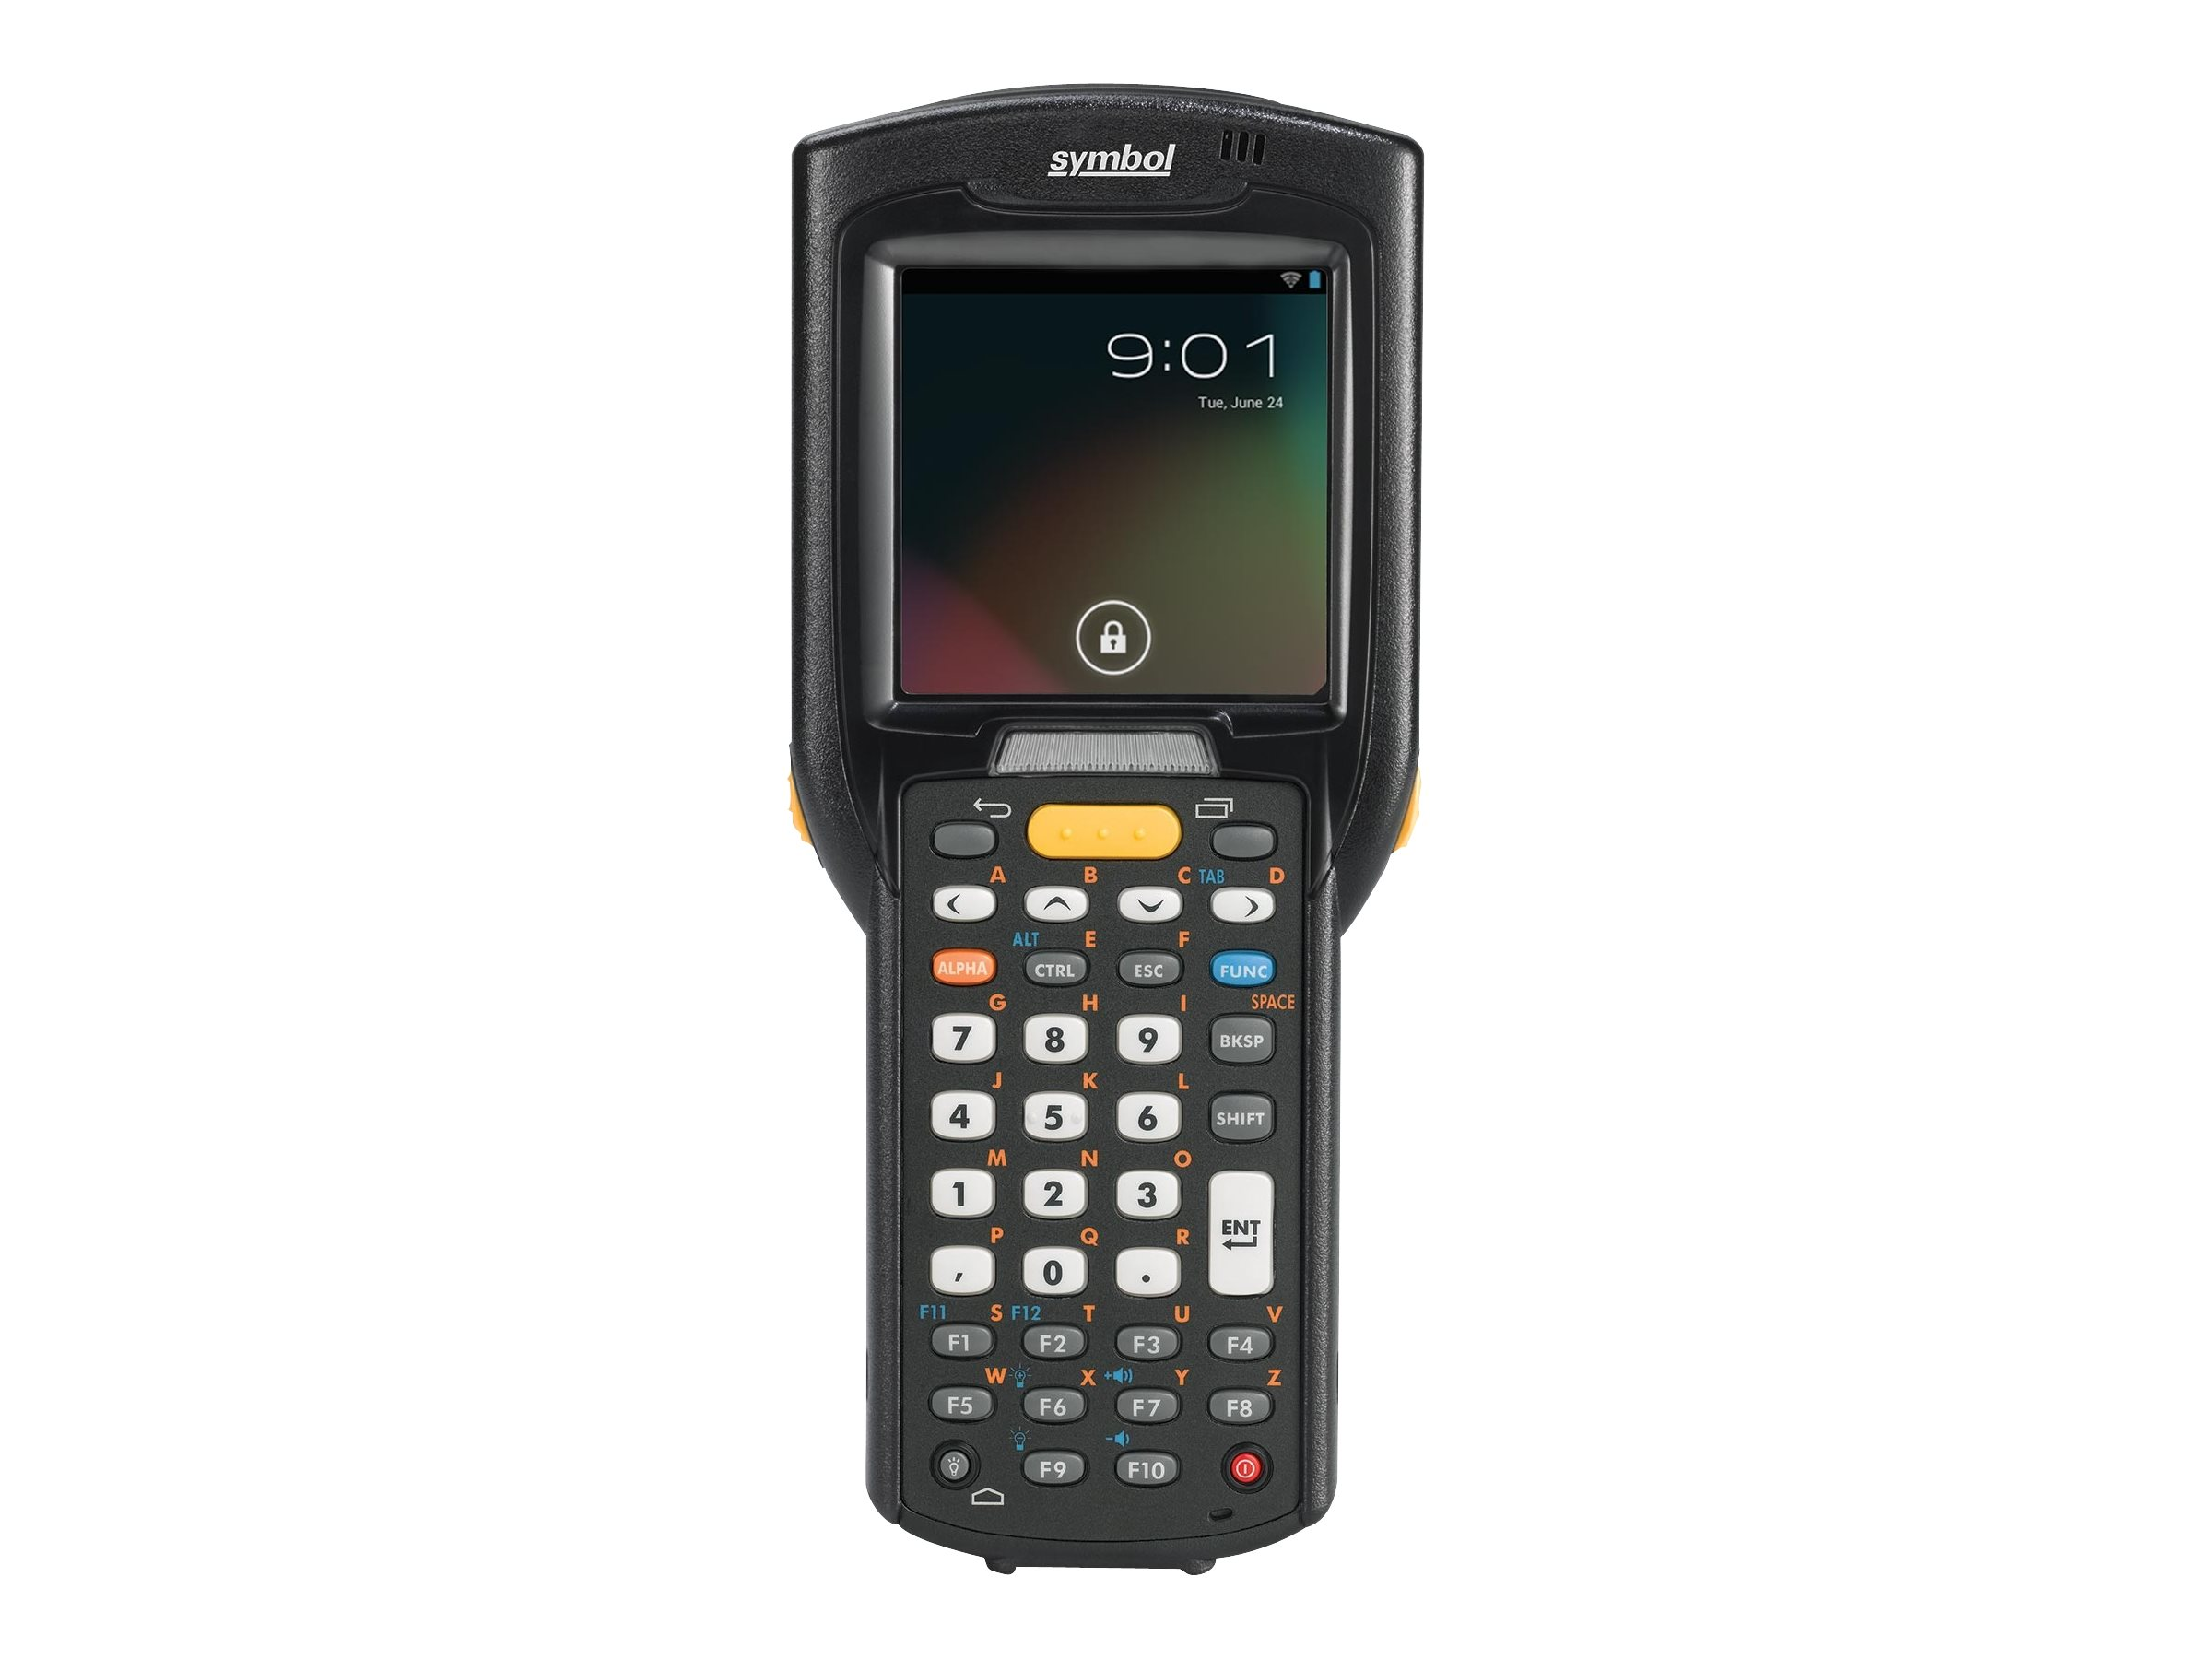 Vorschau: Zebra MC3200 Premium - Datenerfassungsterminal